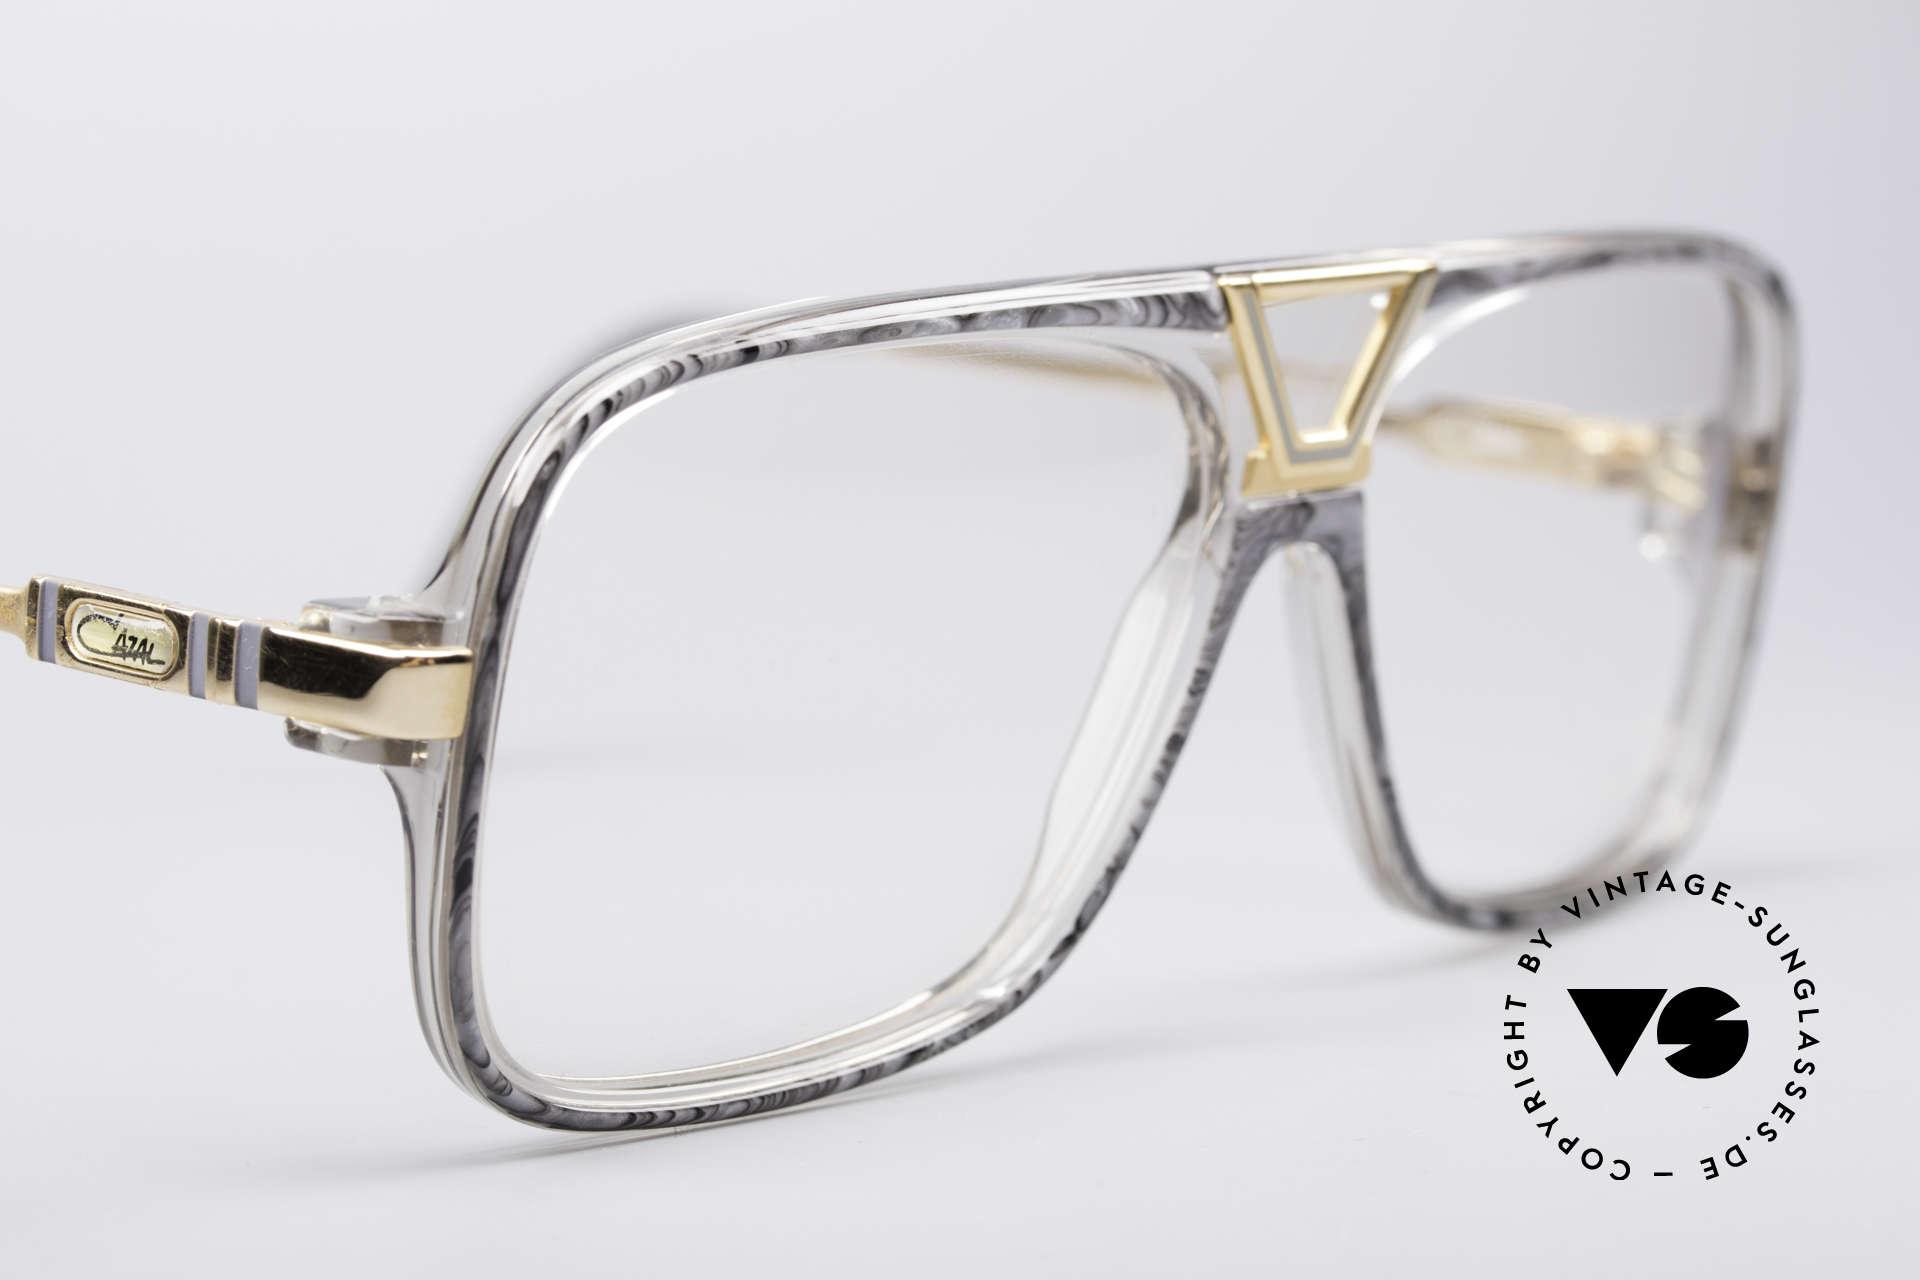 Cazal 635 Jay-Z HipHop Vintage Frame, NO retro eyeglasses, but an old vintage original, Made for Men